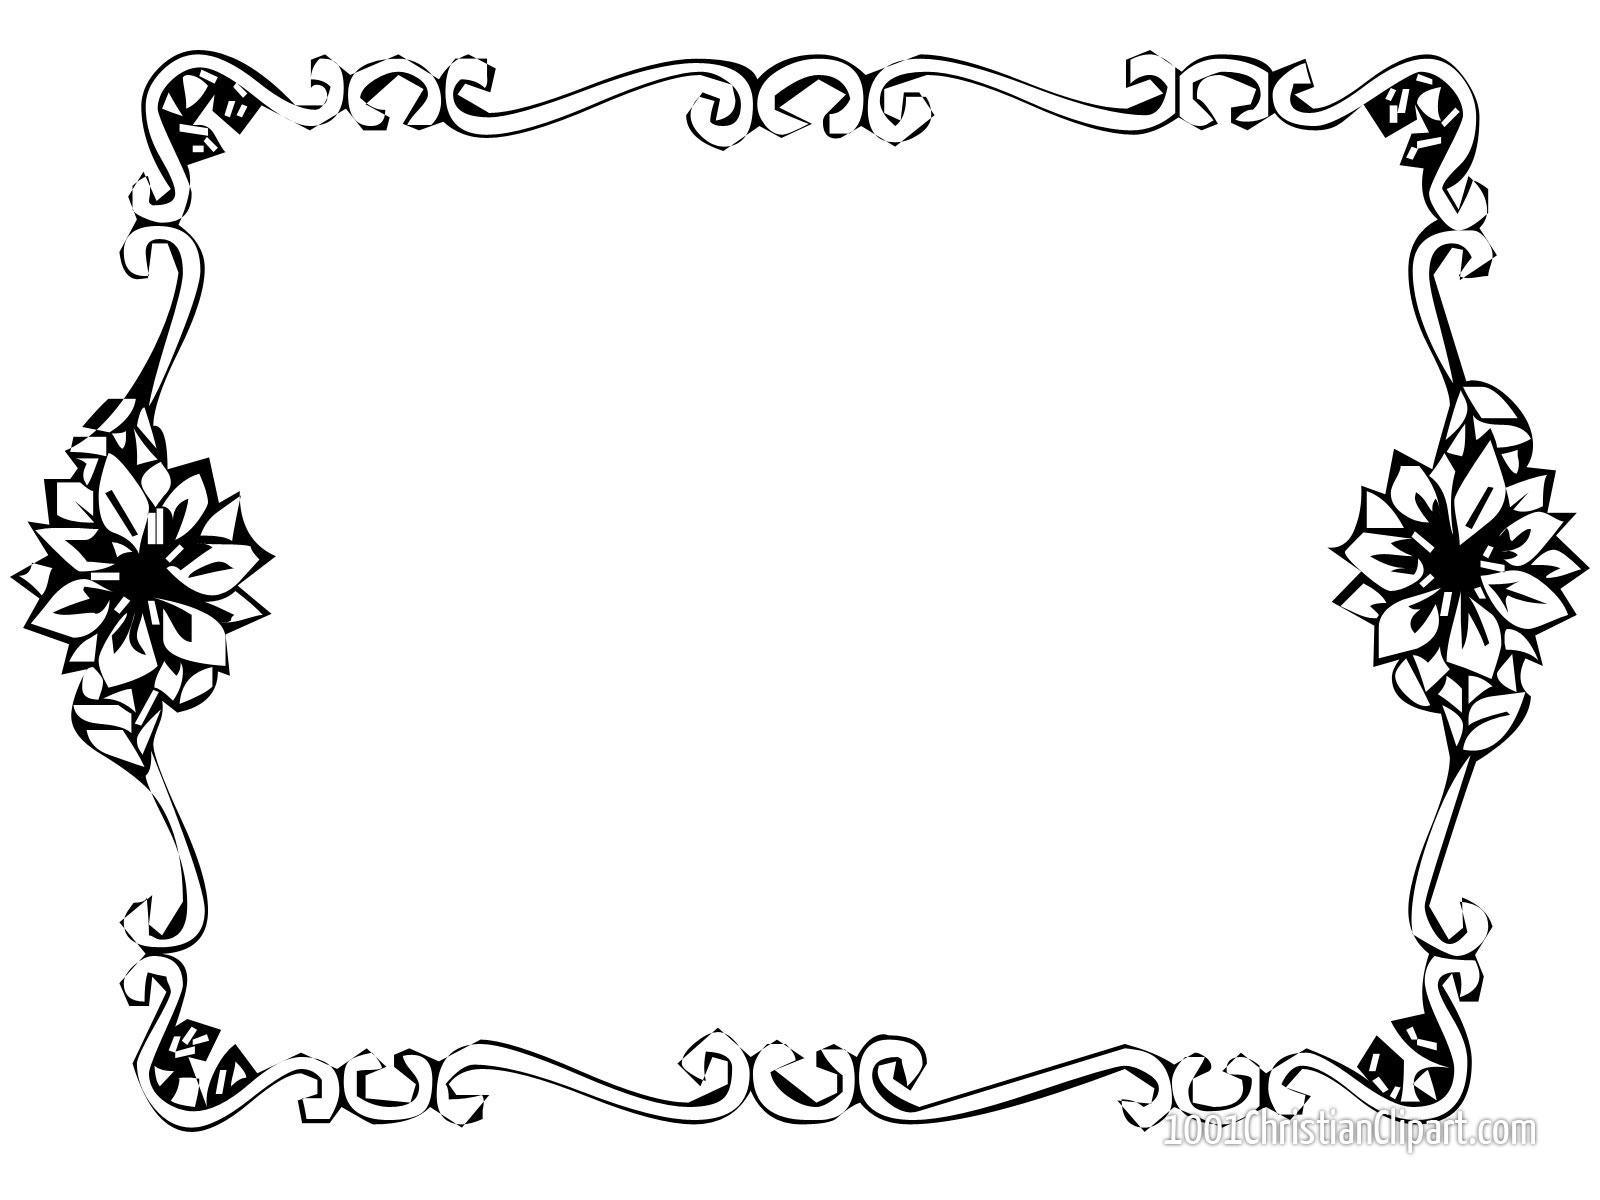 Clip Art Borders Free & Clip Art Borders Clip Art Images.